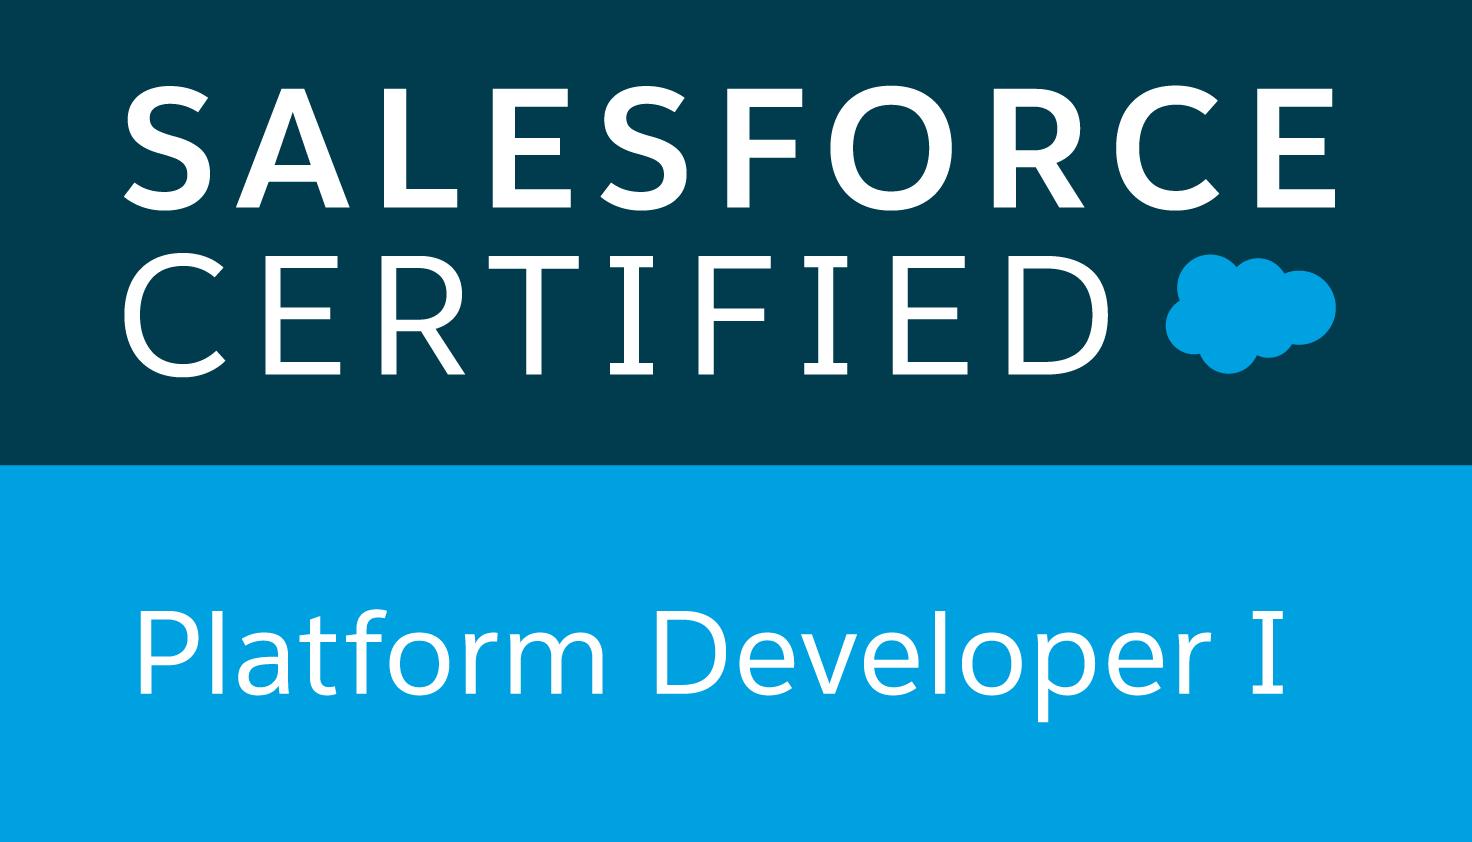 Platform Developer 1